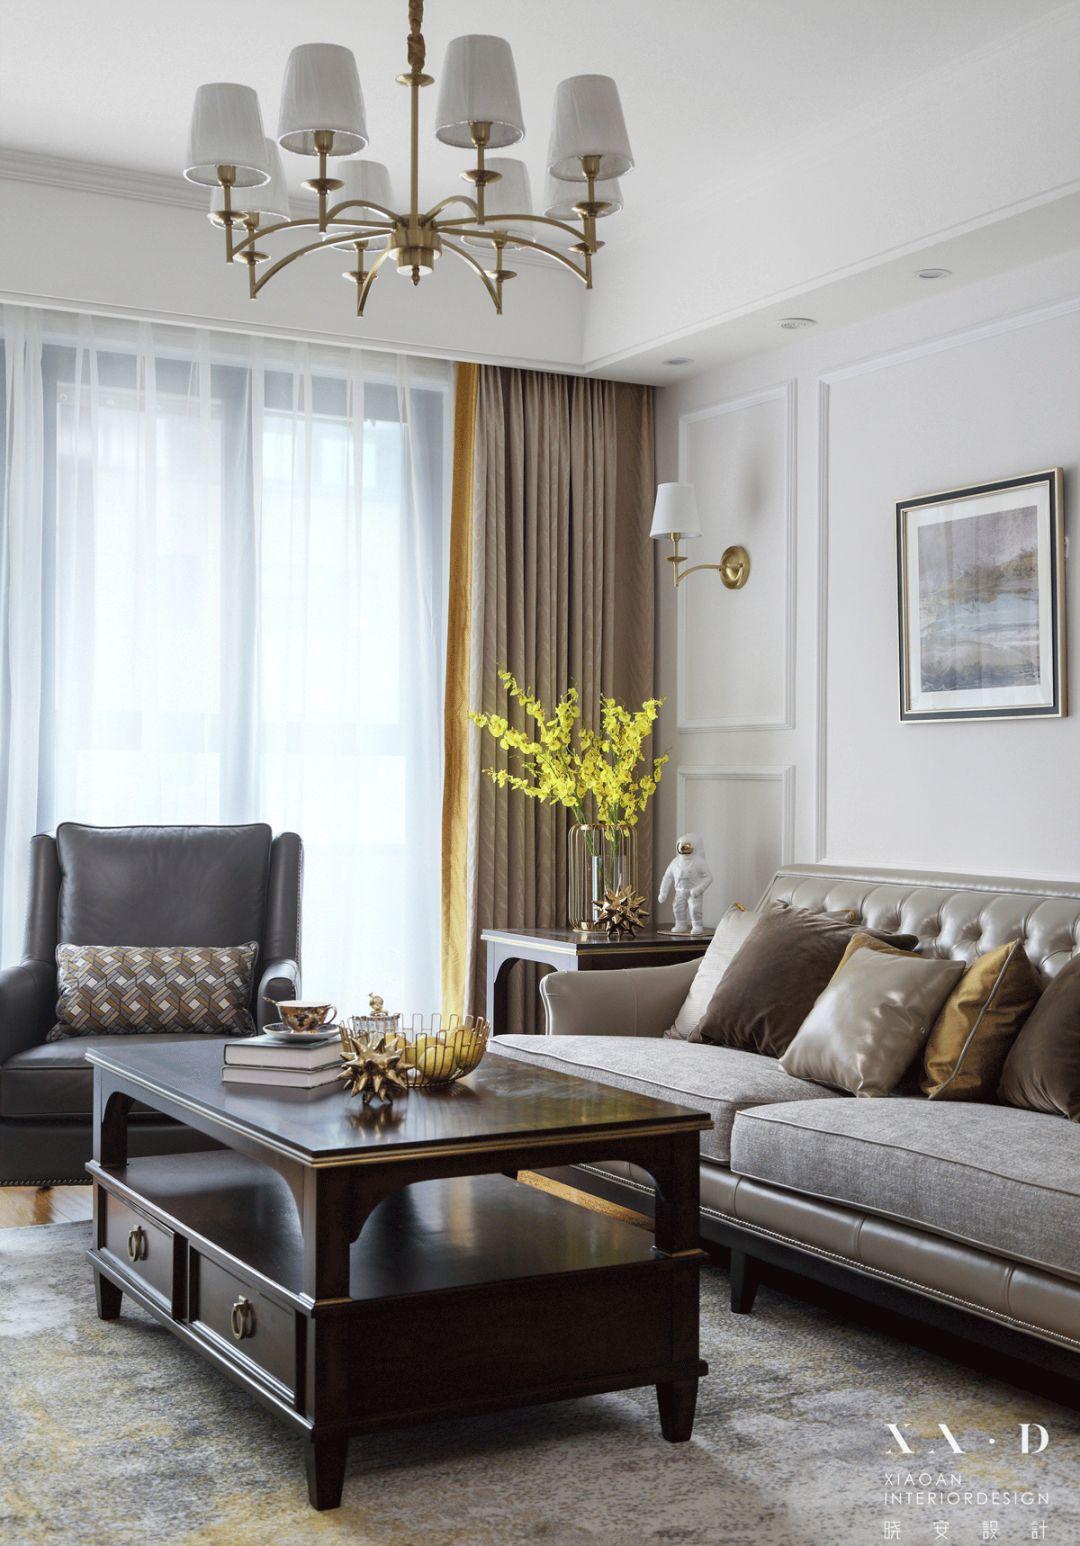 125㎡美式三居装修客厅吊灯设计